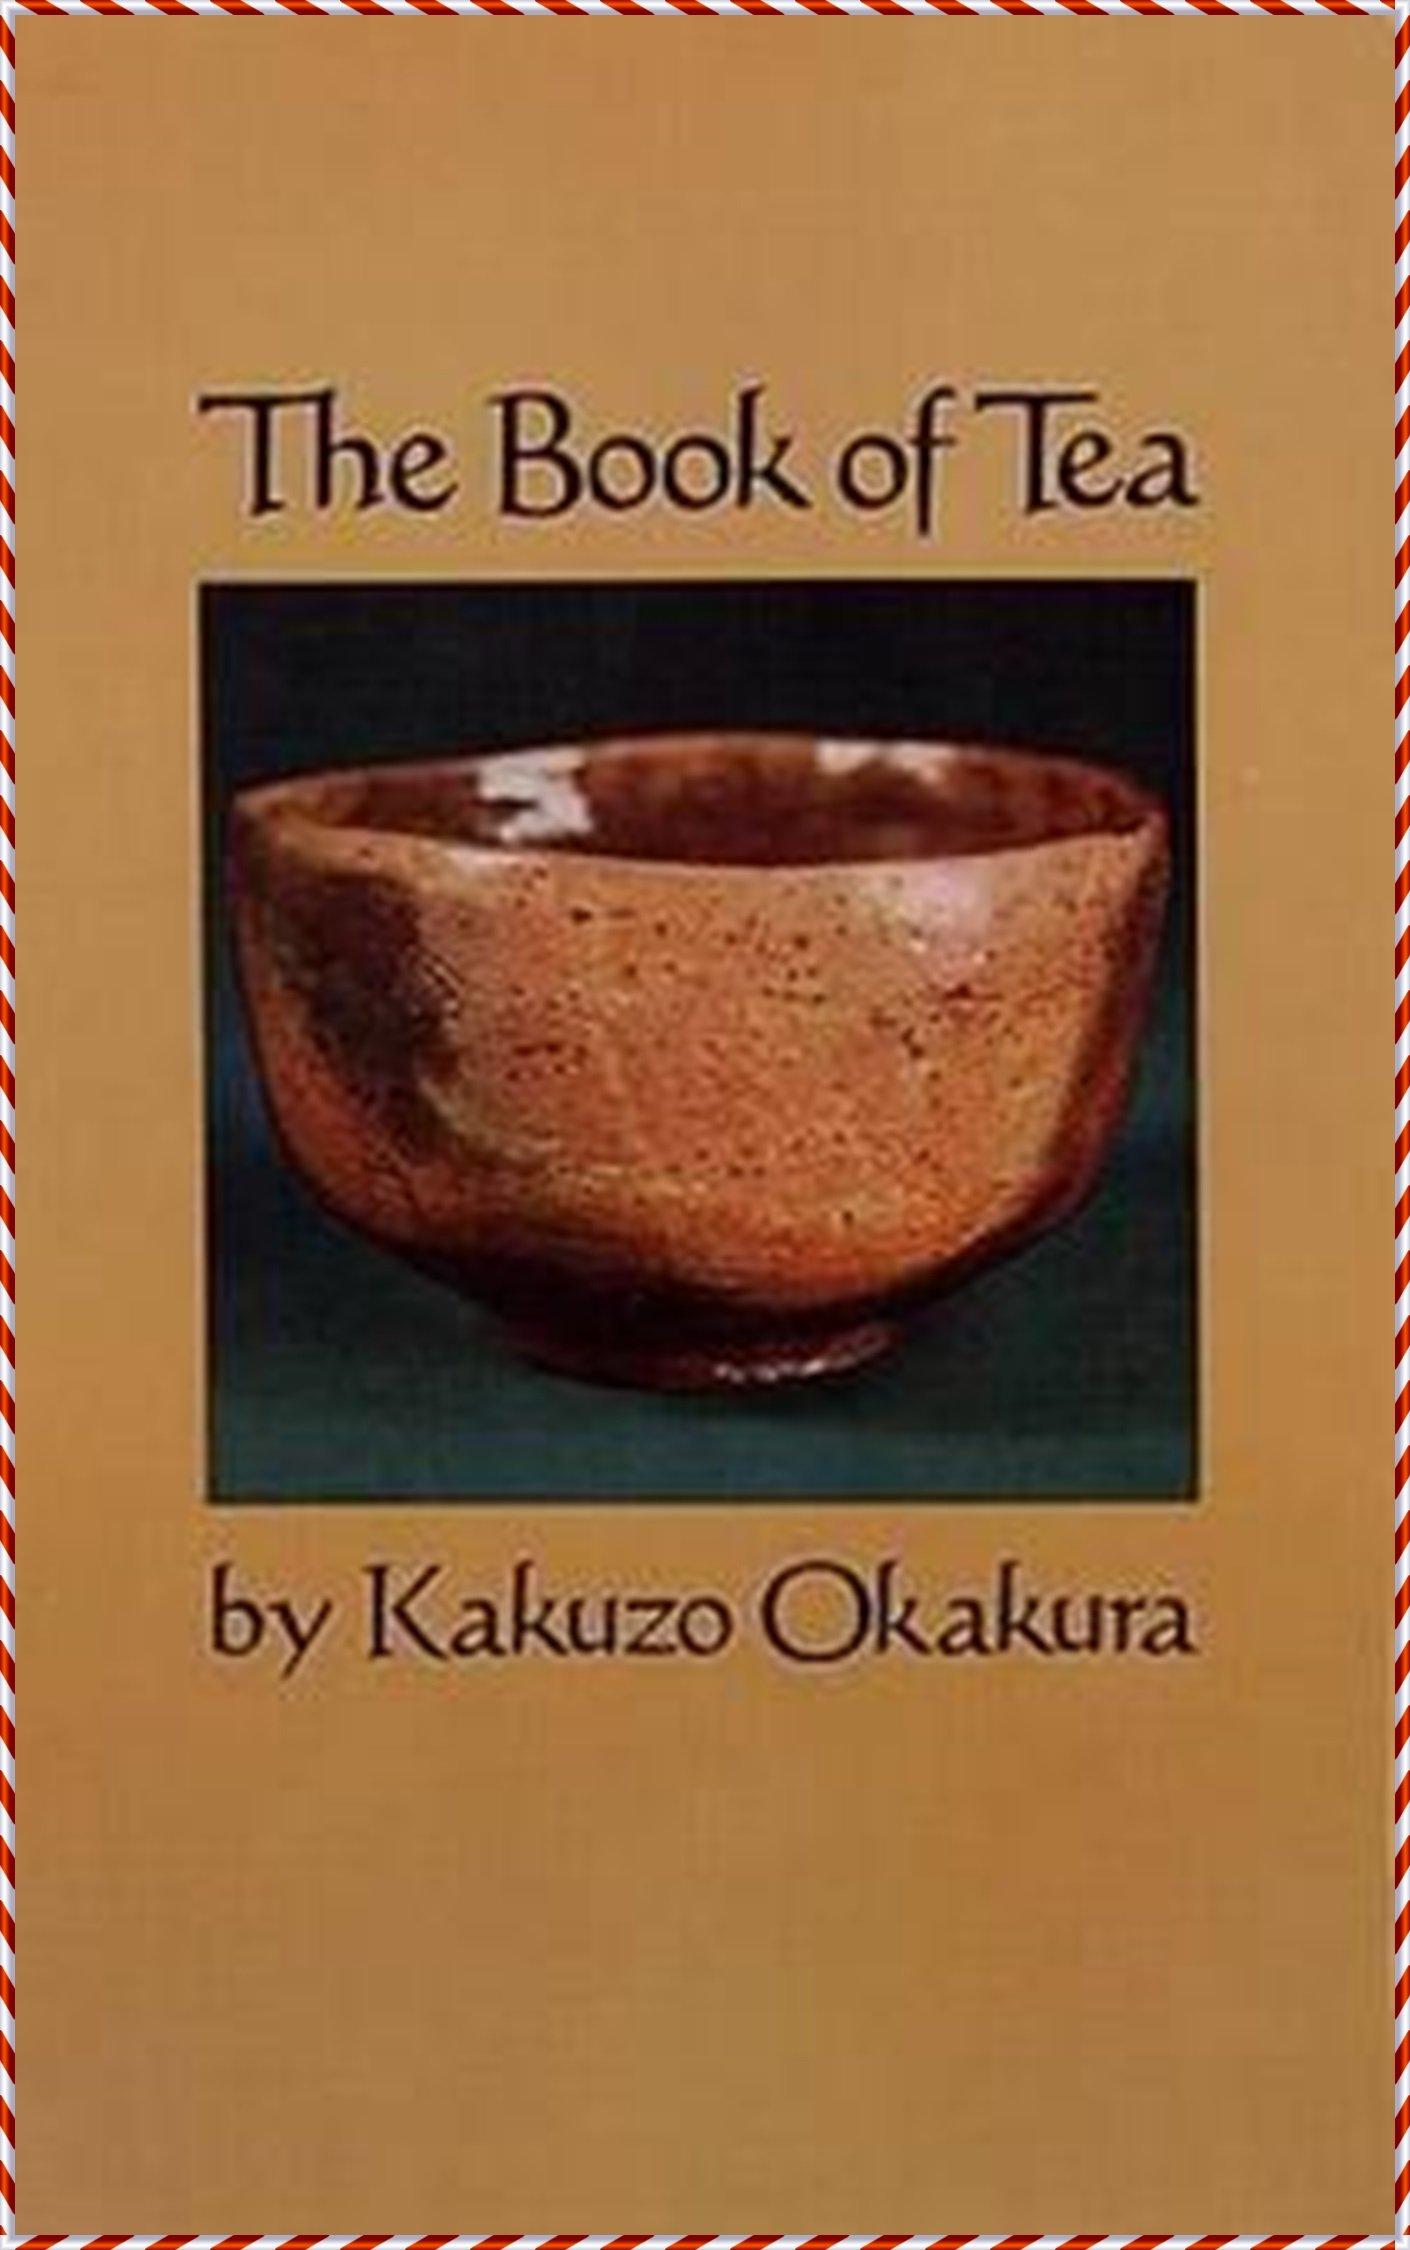 The Book of Tea - Kakuzo Okakura [Dover Thrift Editions](annotated)